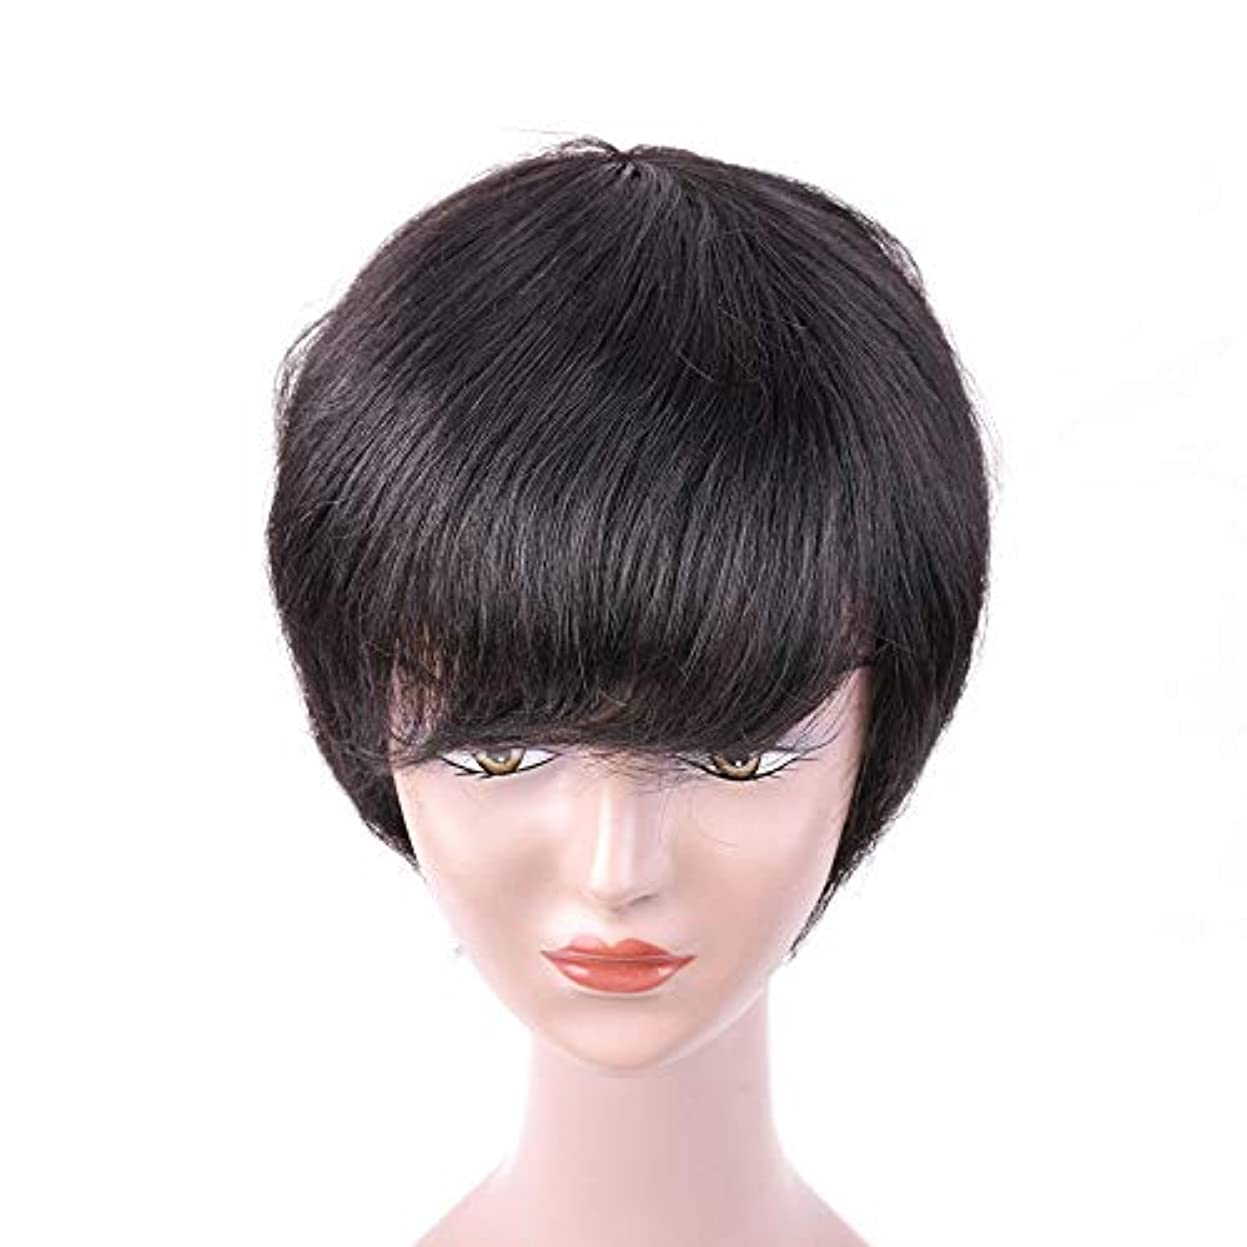 マーキング海洋気質Mayalina 100%人間の髪の毛の短いわずかなカーリーかつら黒人女性のための黒の短い髪のかつらロールプレイングかつら女性の自然なかつら (色 : 黒, サイズ : 6inch)